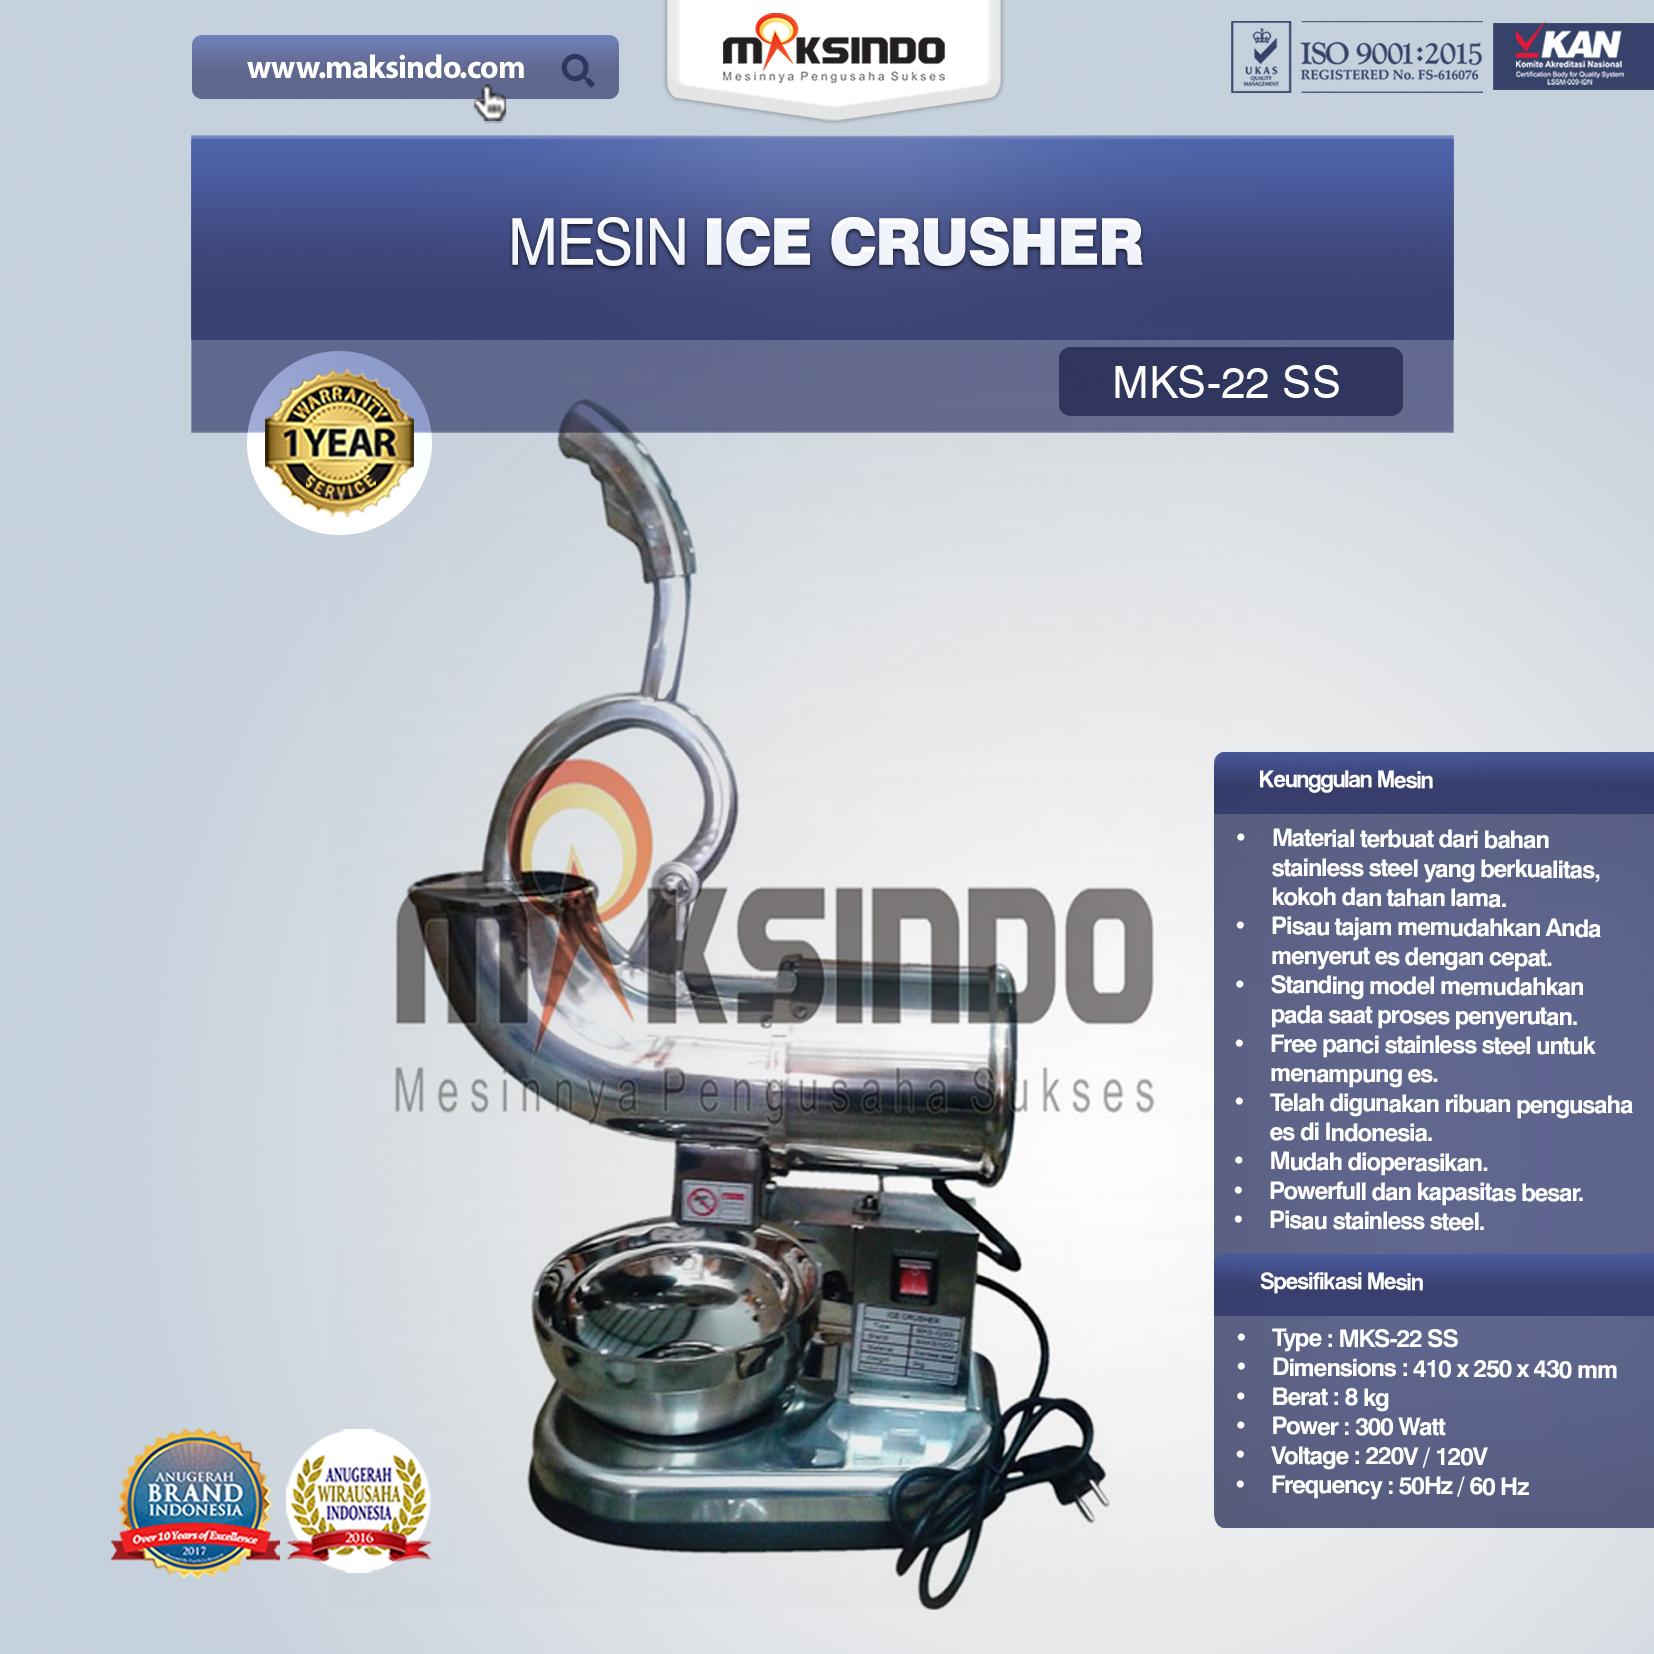 Jual Mesin Ice Crusher (MKS-22SS) di Mataram